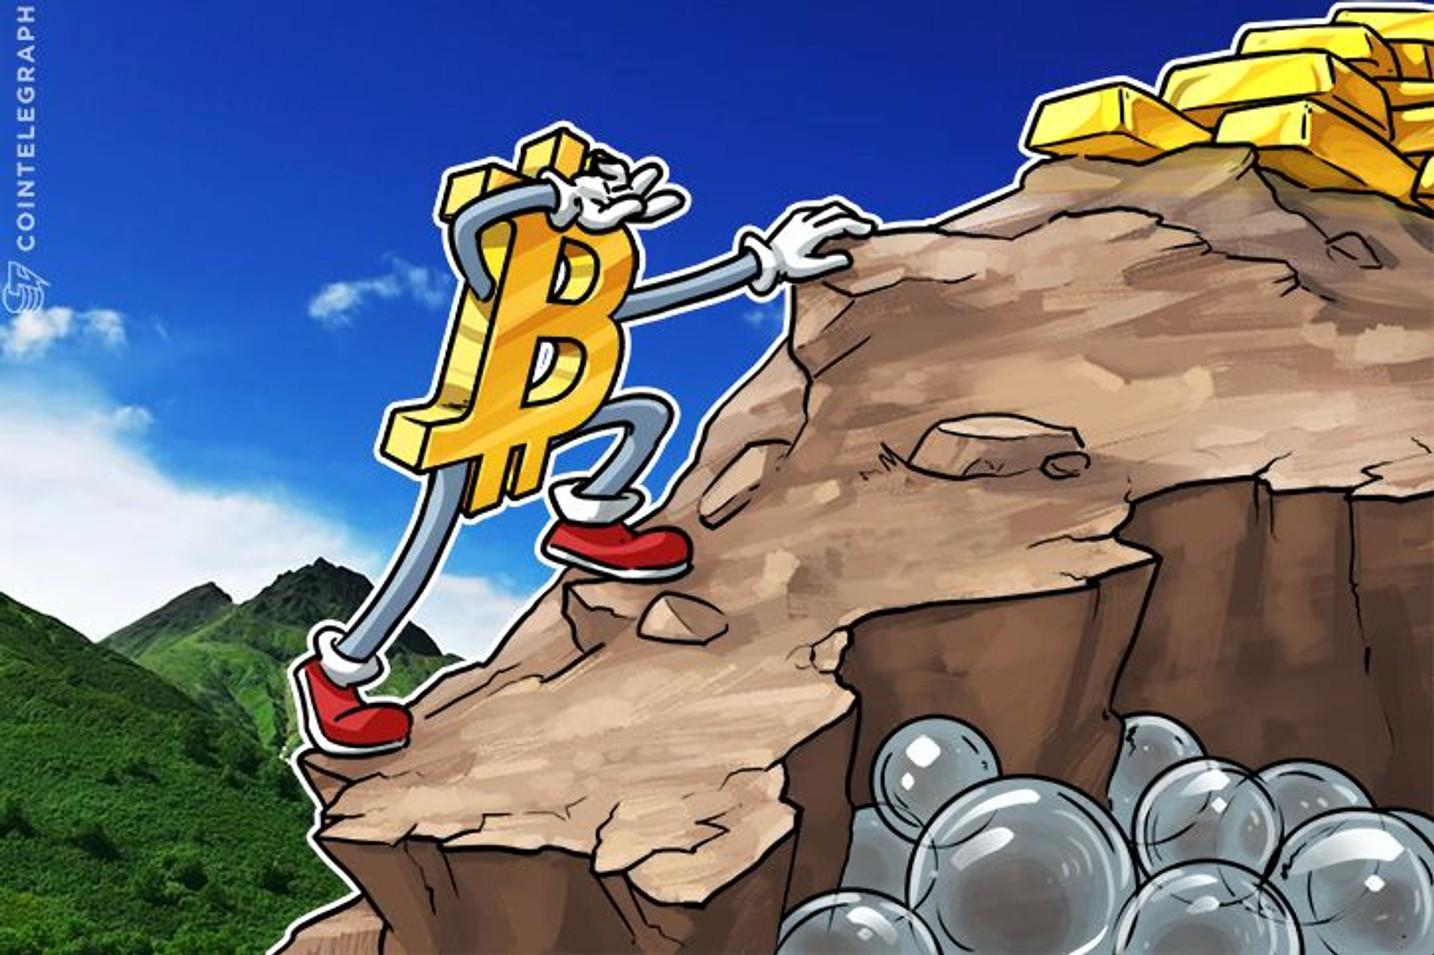 Apesar de potenciais forks e volatilidade, o preço do Bitcoin visa os US $ 6.000 em 2017